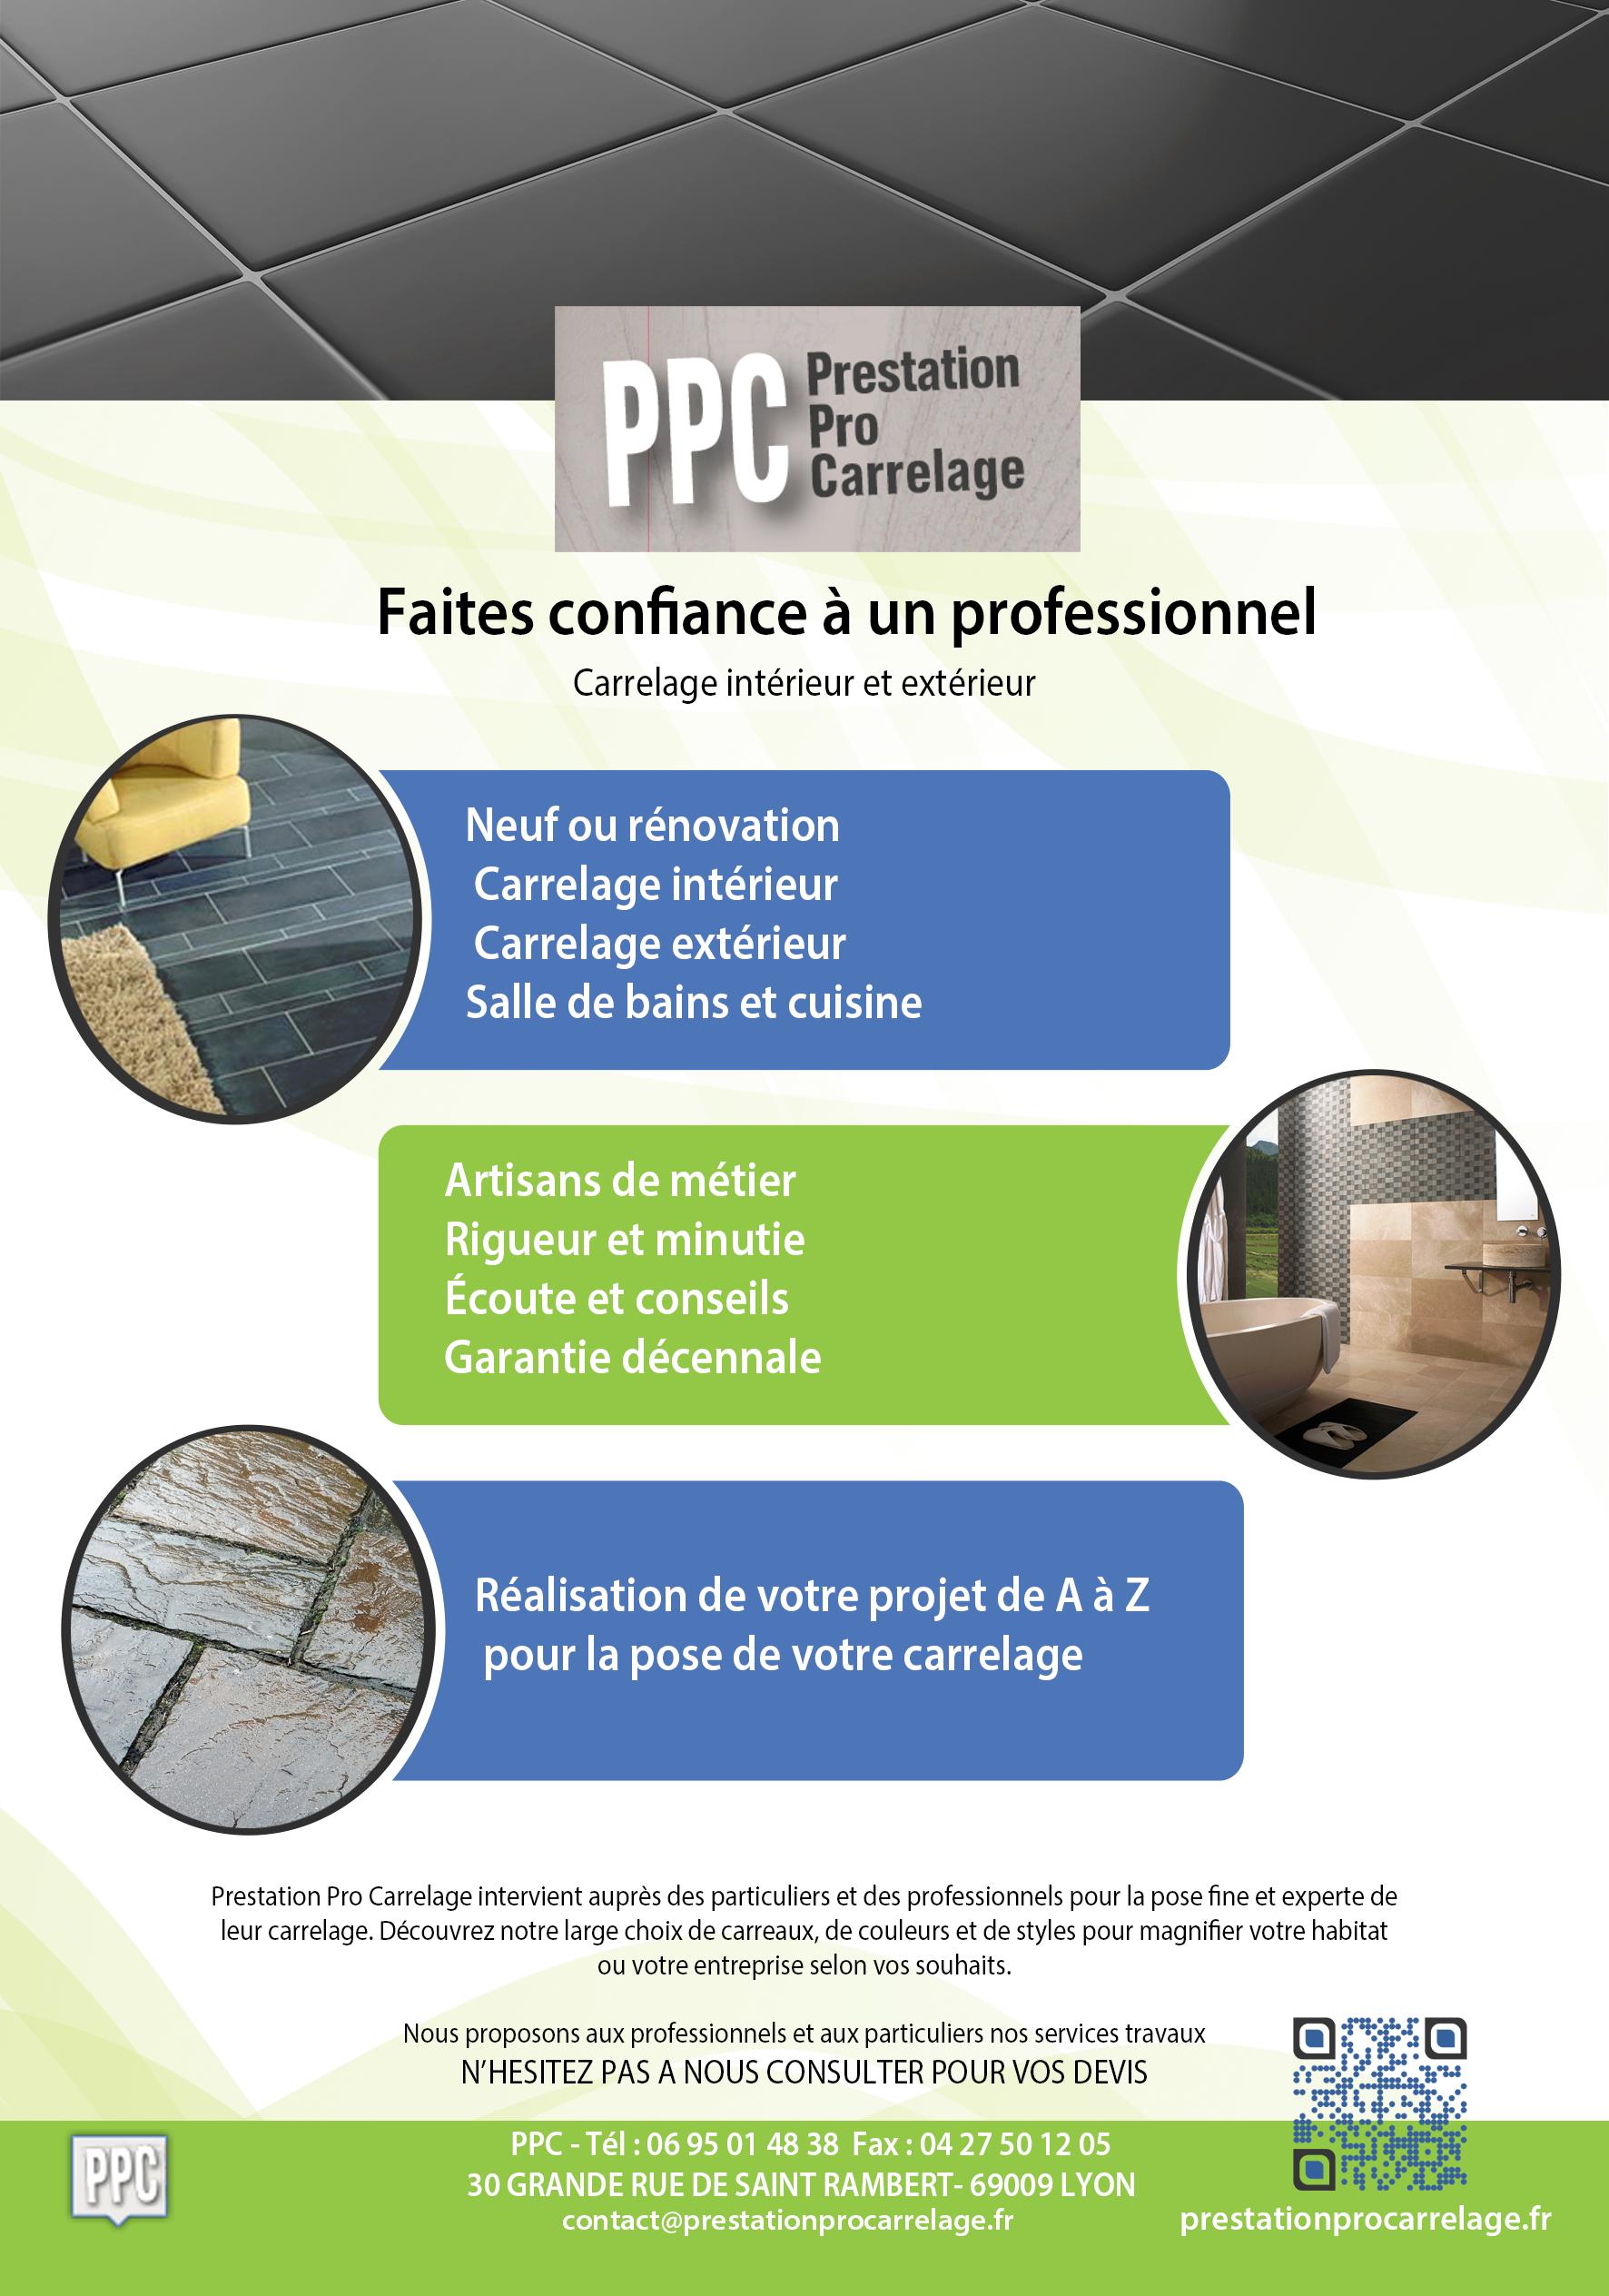 Epingle Par Prestation Carrelage Pro Papir Sur Travaux Salle De Bain Et Cuisine Carrelage Carrelage Exterieur